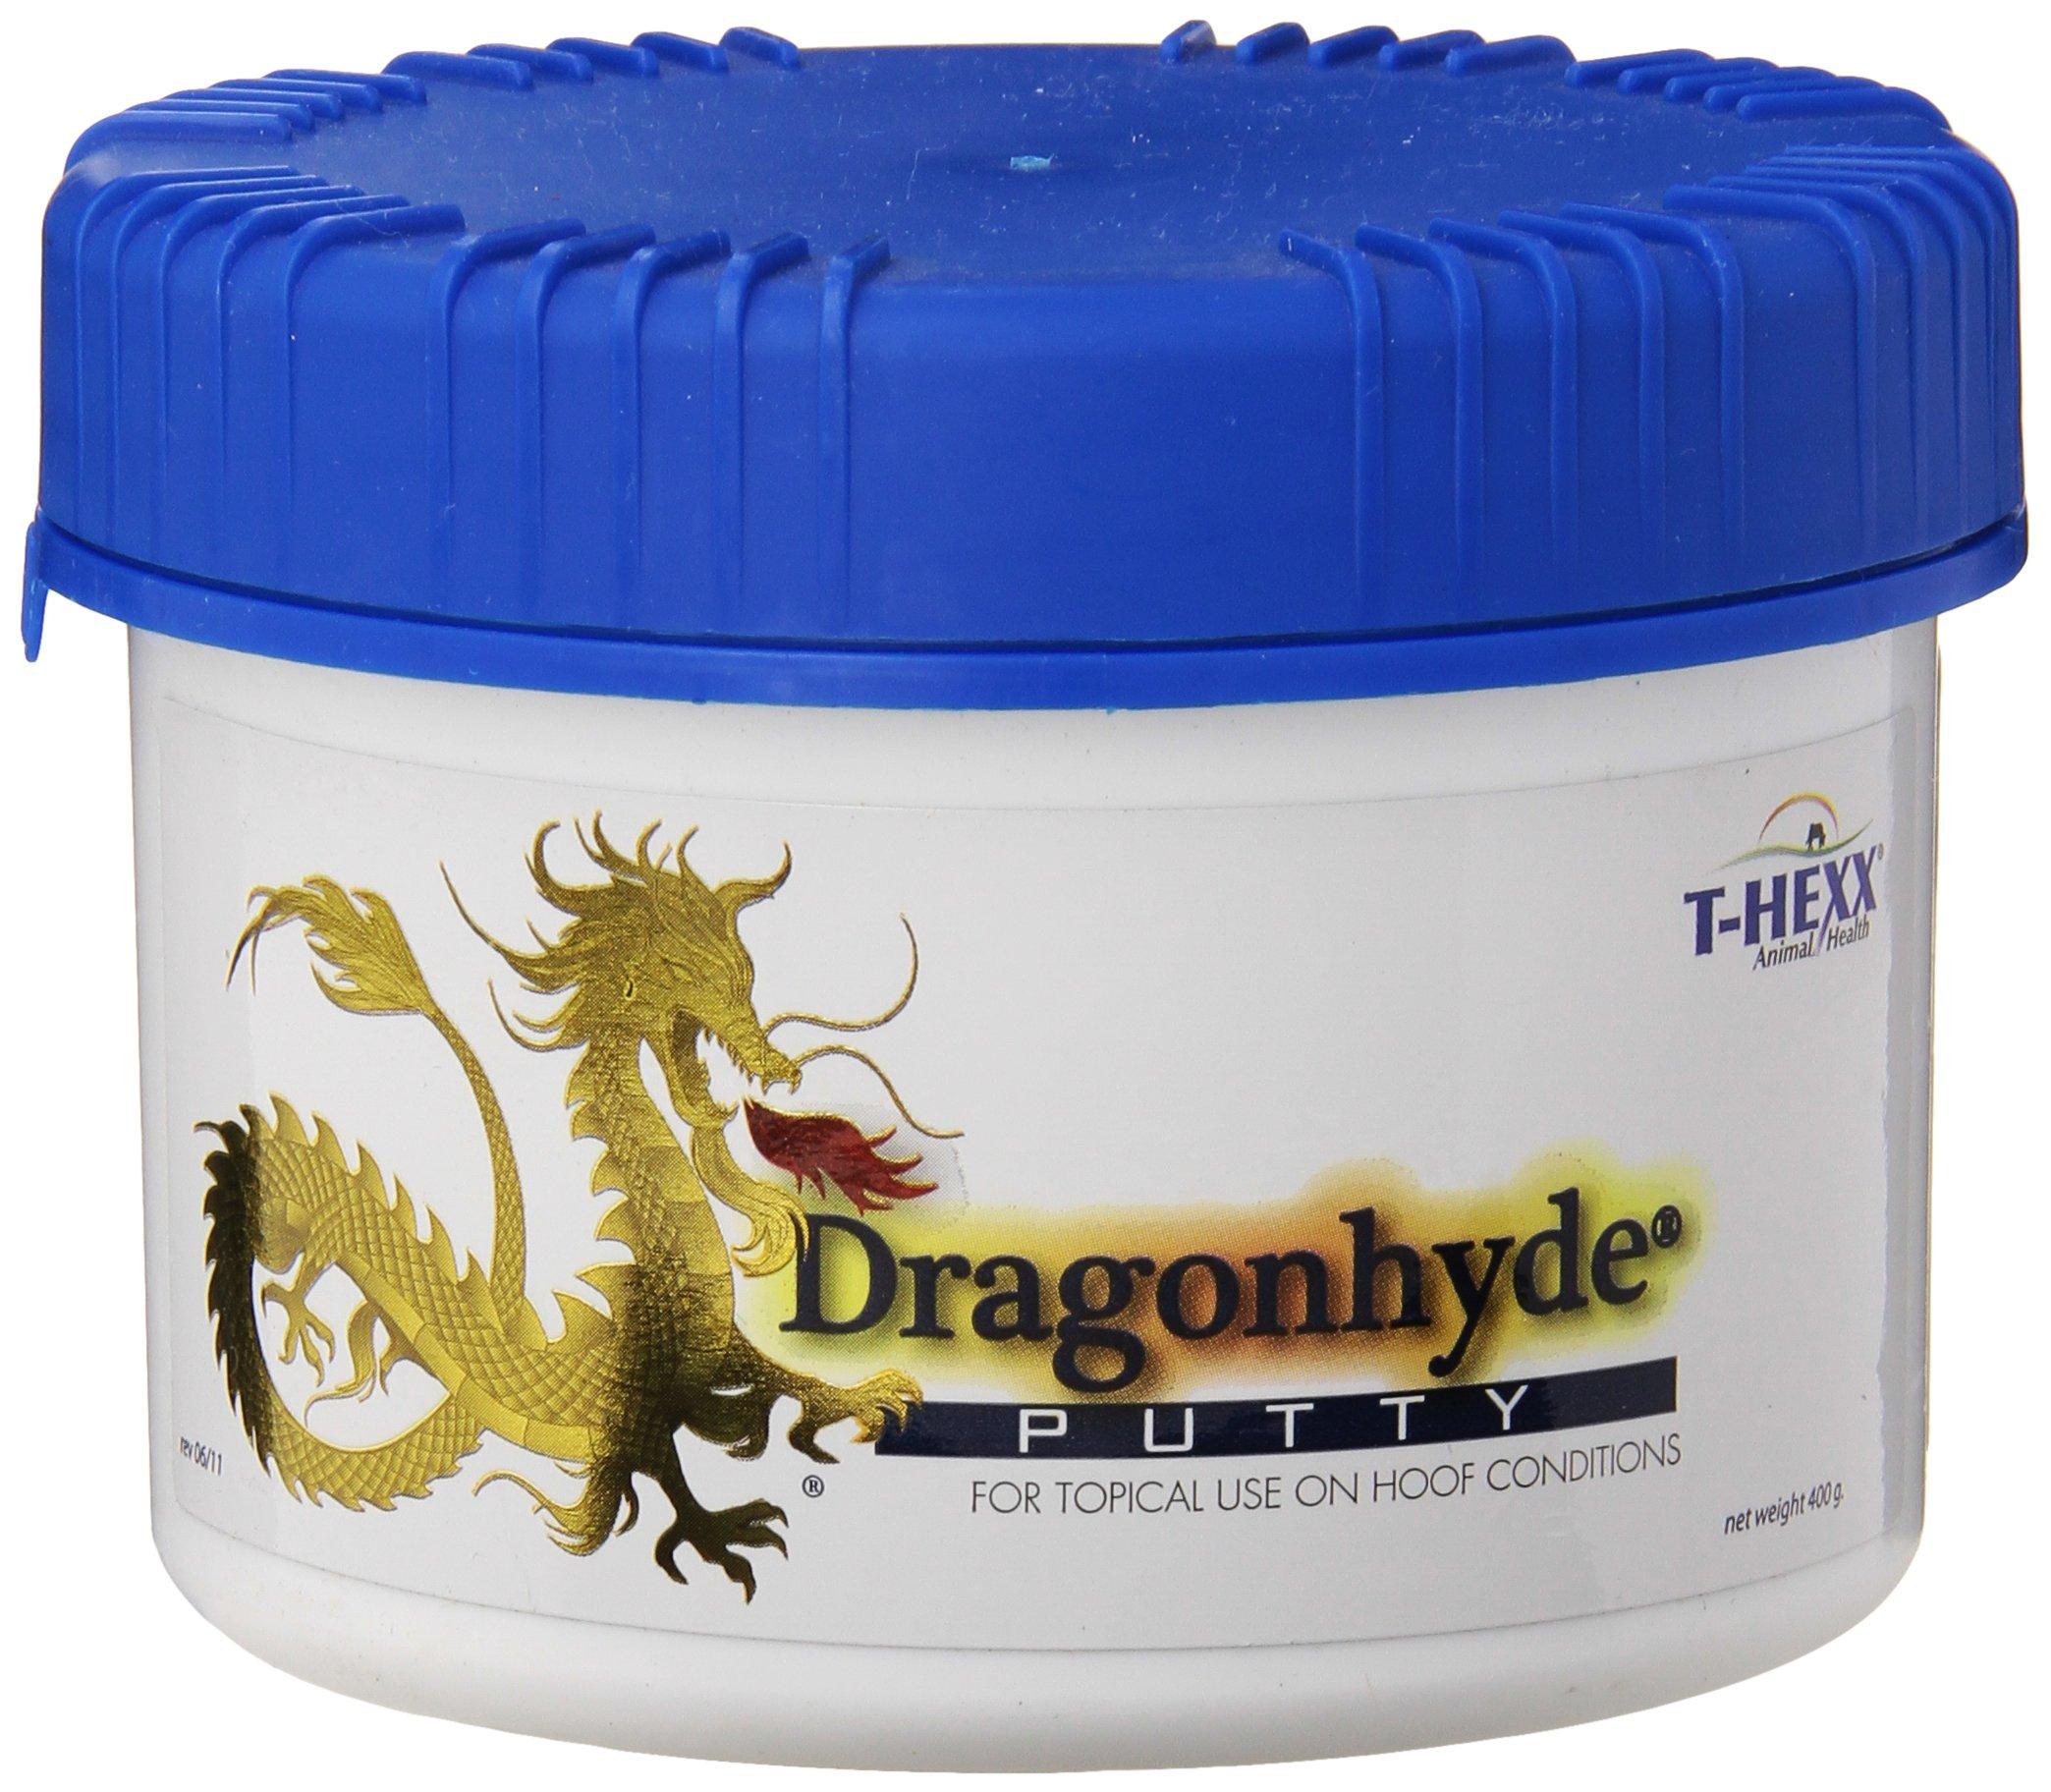 T-HEXX 1SOS16-B1 Dragonhyde Putty Dissolvable Hoof Bath